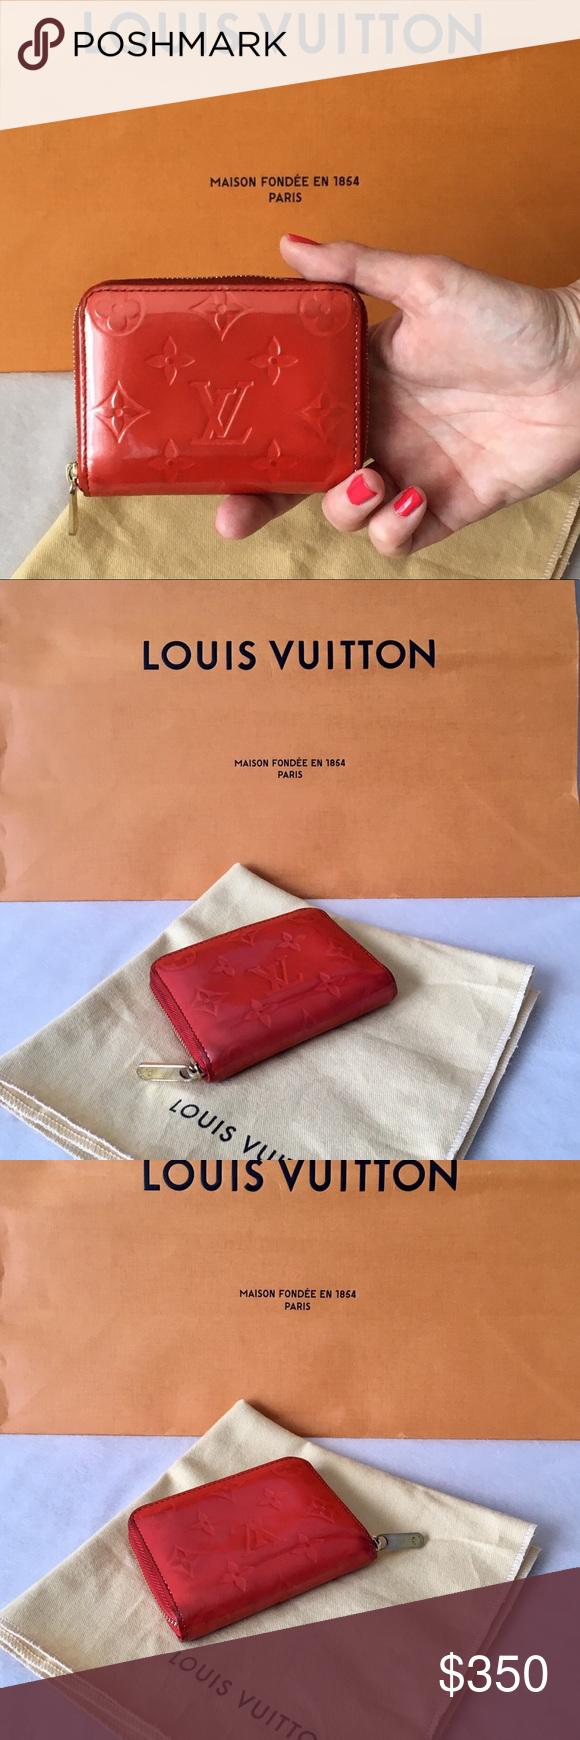 93e7ee40ce30 Authentic Louis Vuitton Zippy Coin Purse Wallet Super cute Authentic Louis  Vuitton Zippy coin wallet